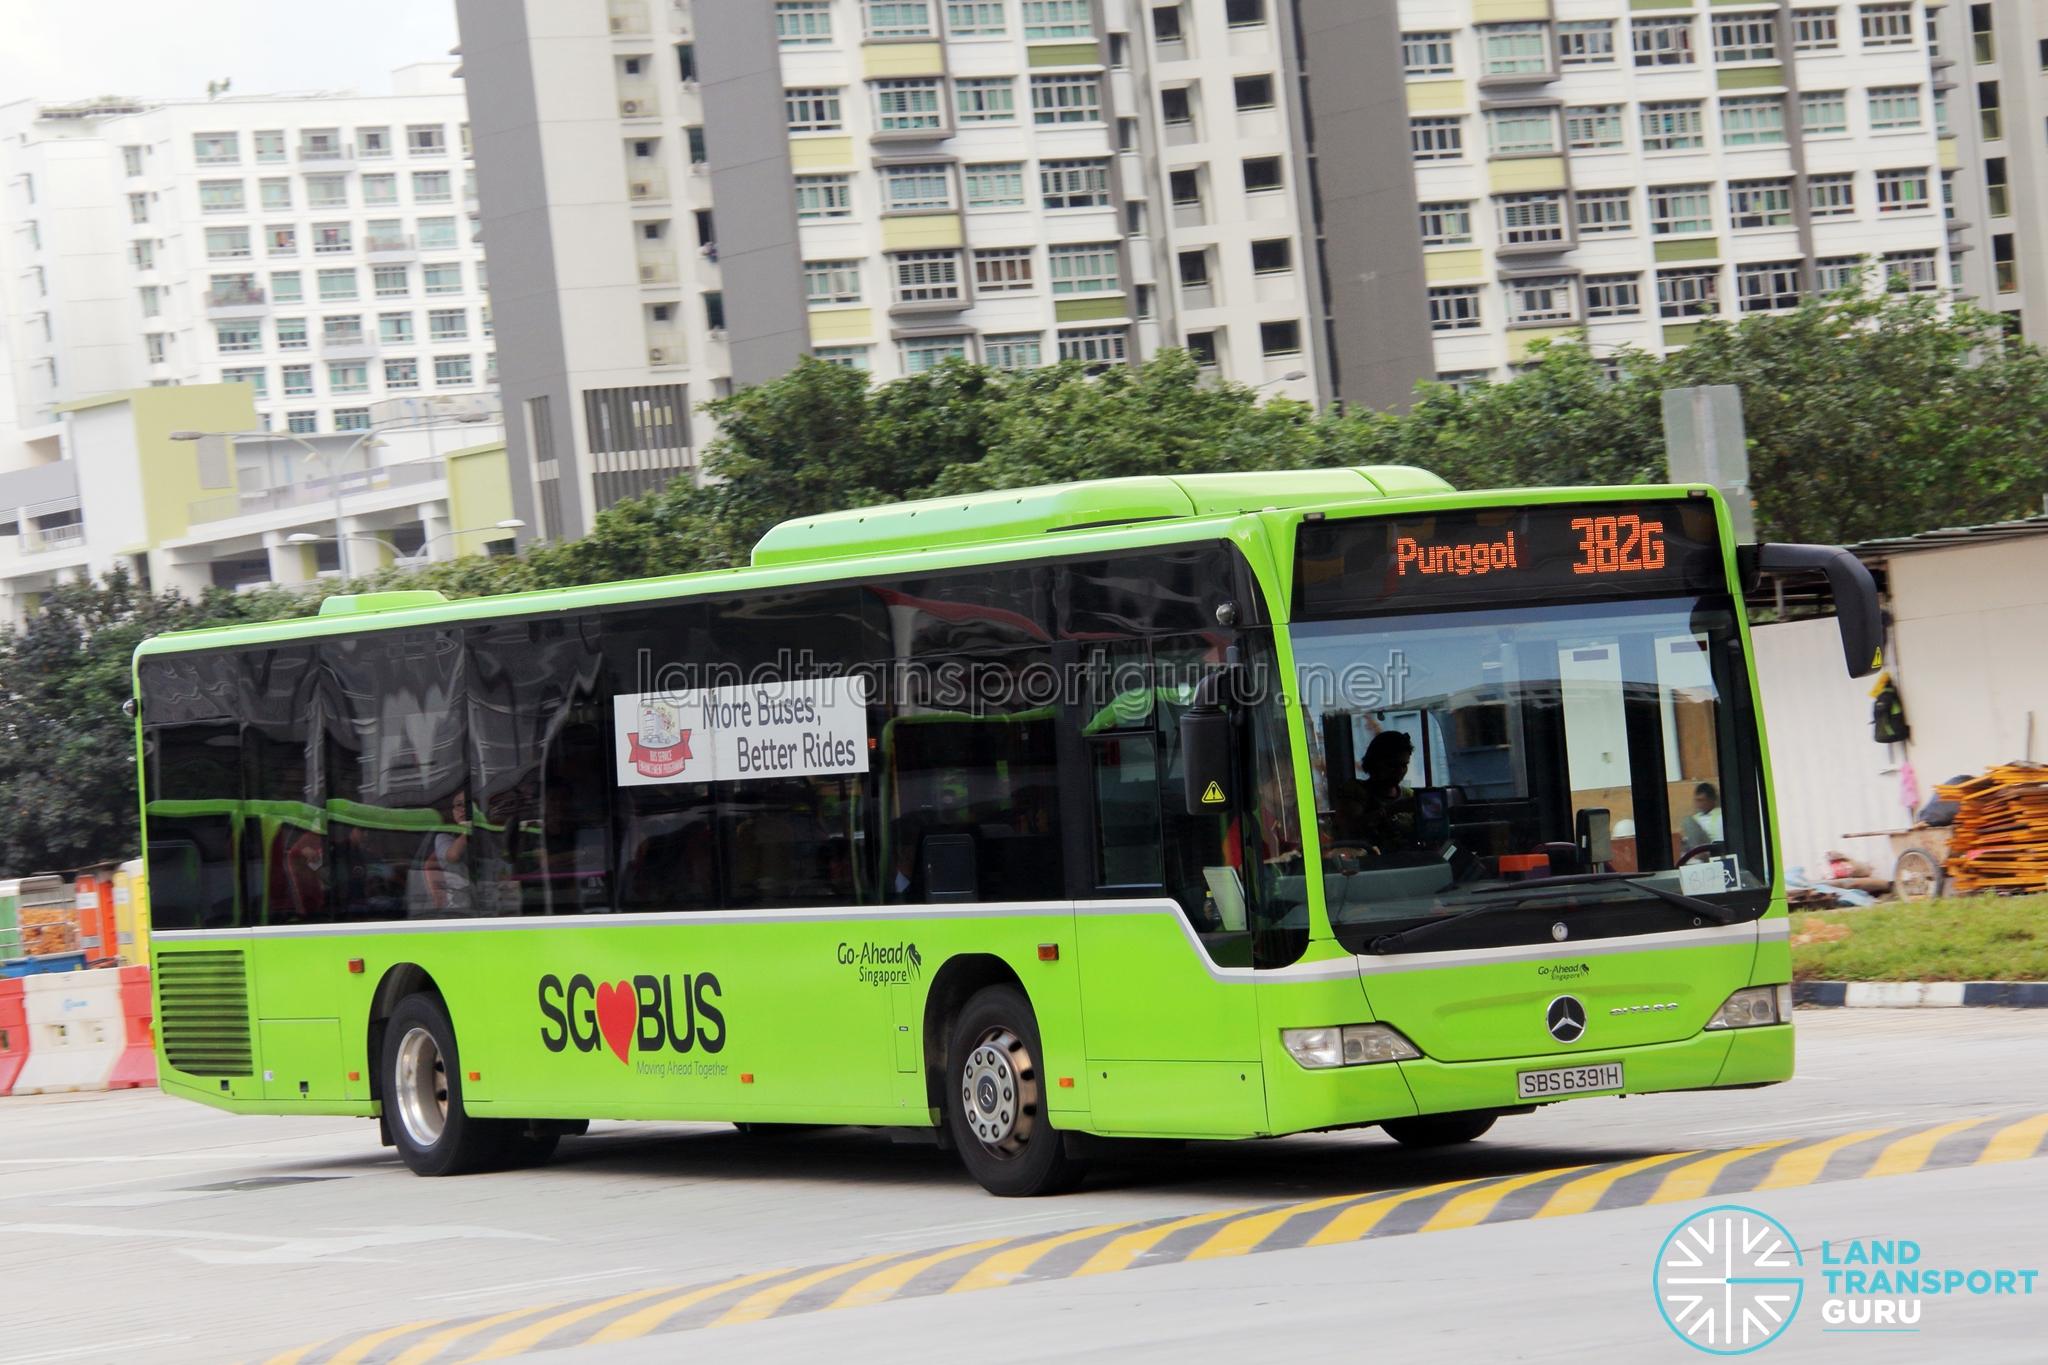 Go-Ahead Mercedes-Benz Citaro (SBS6391H) - Service 382G